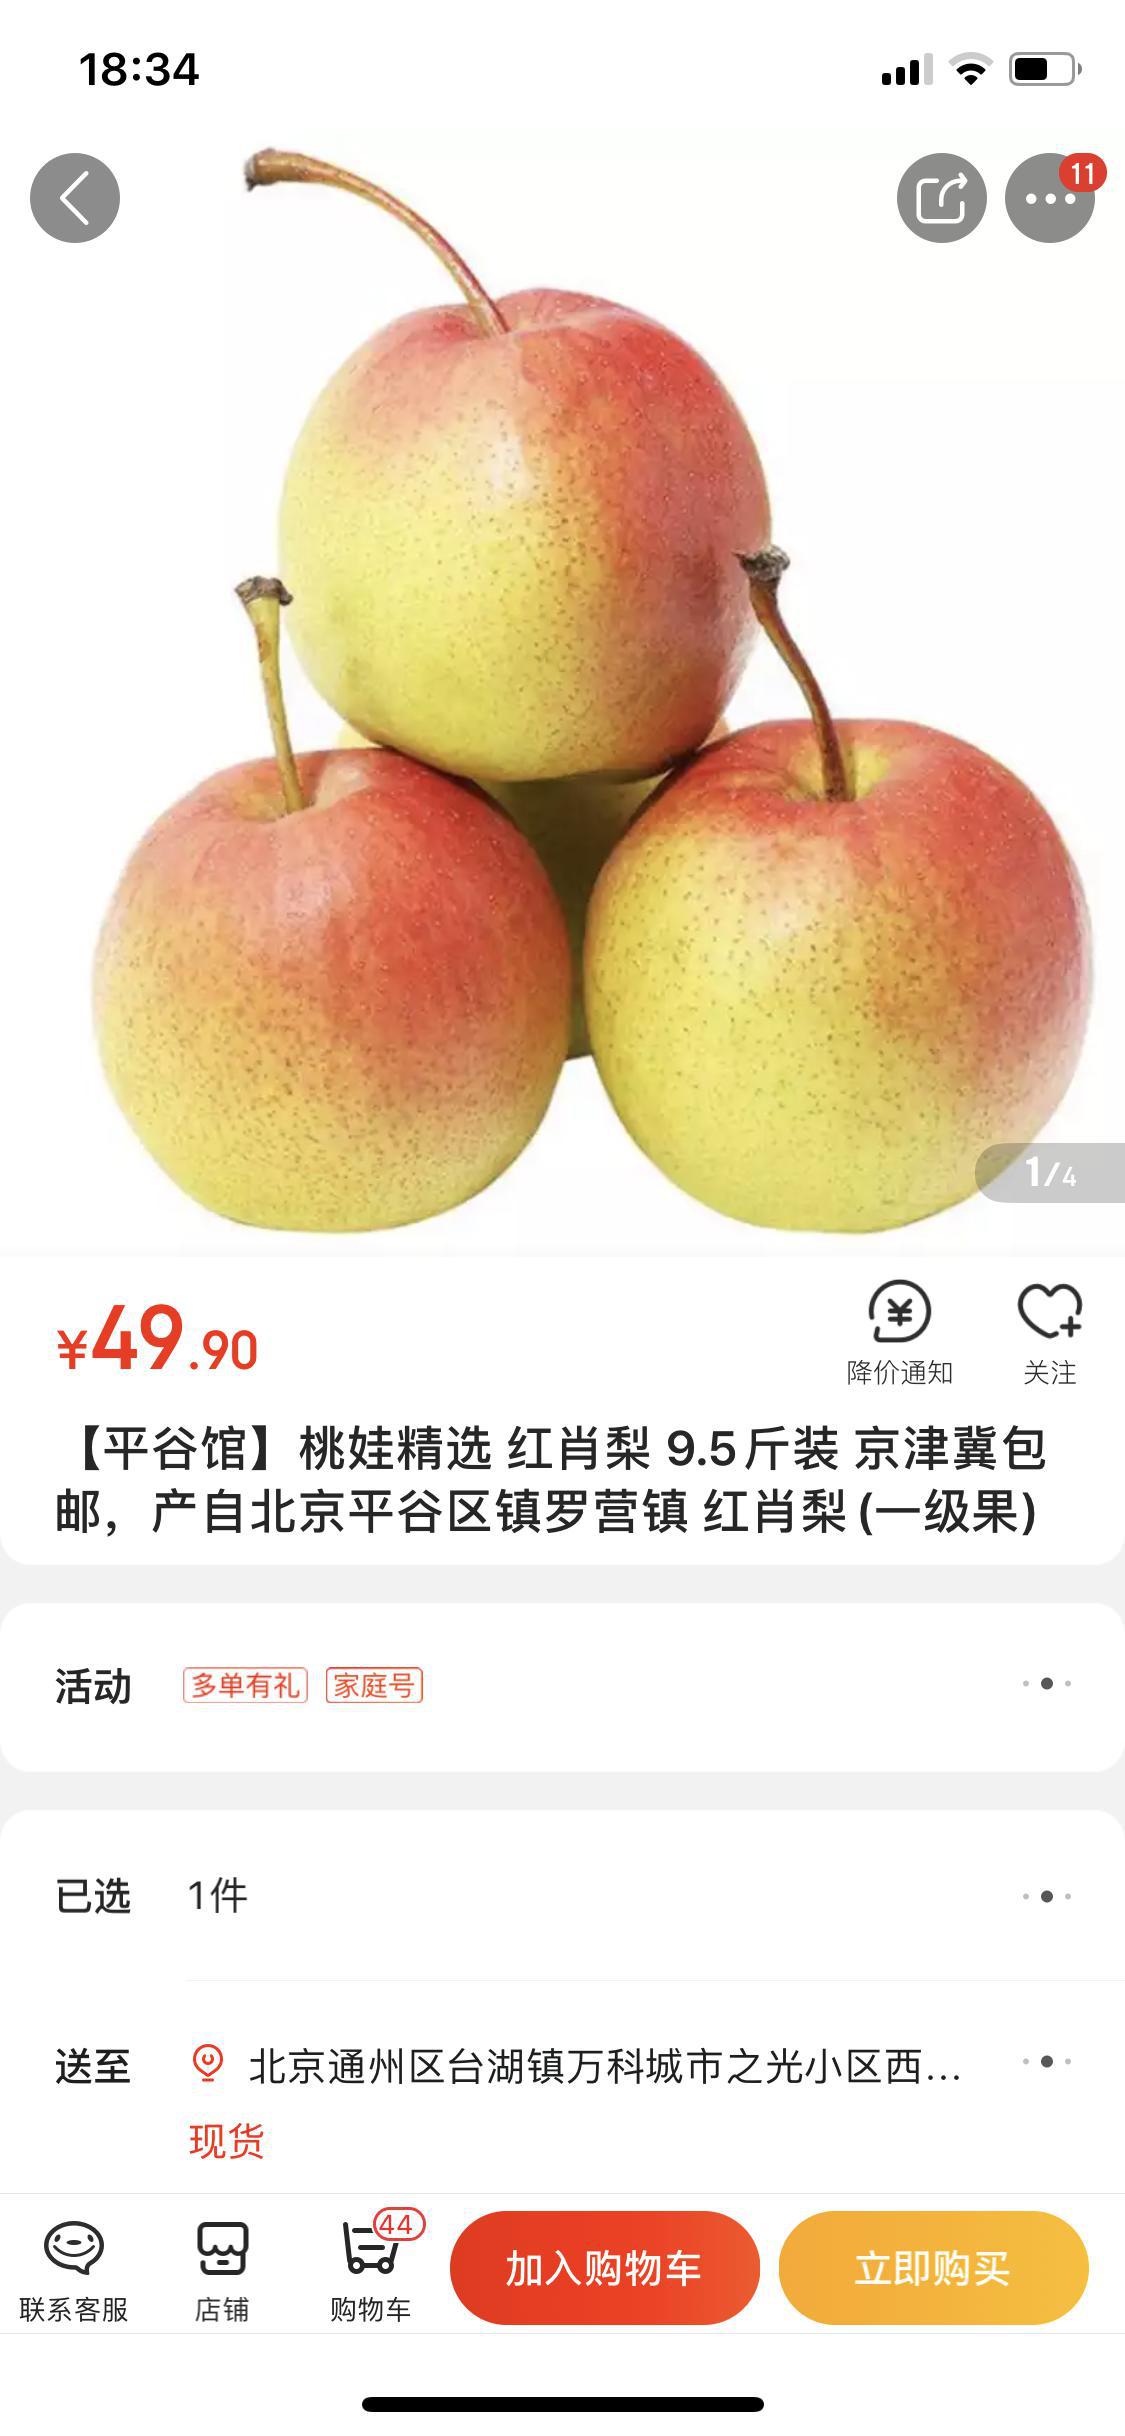 一起卖|百万斤平谷红肖梨待销,京东上线一天卖4千斤图片